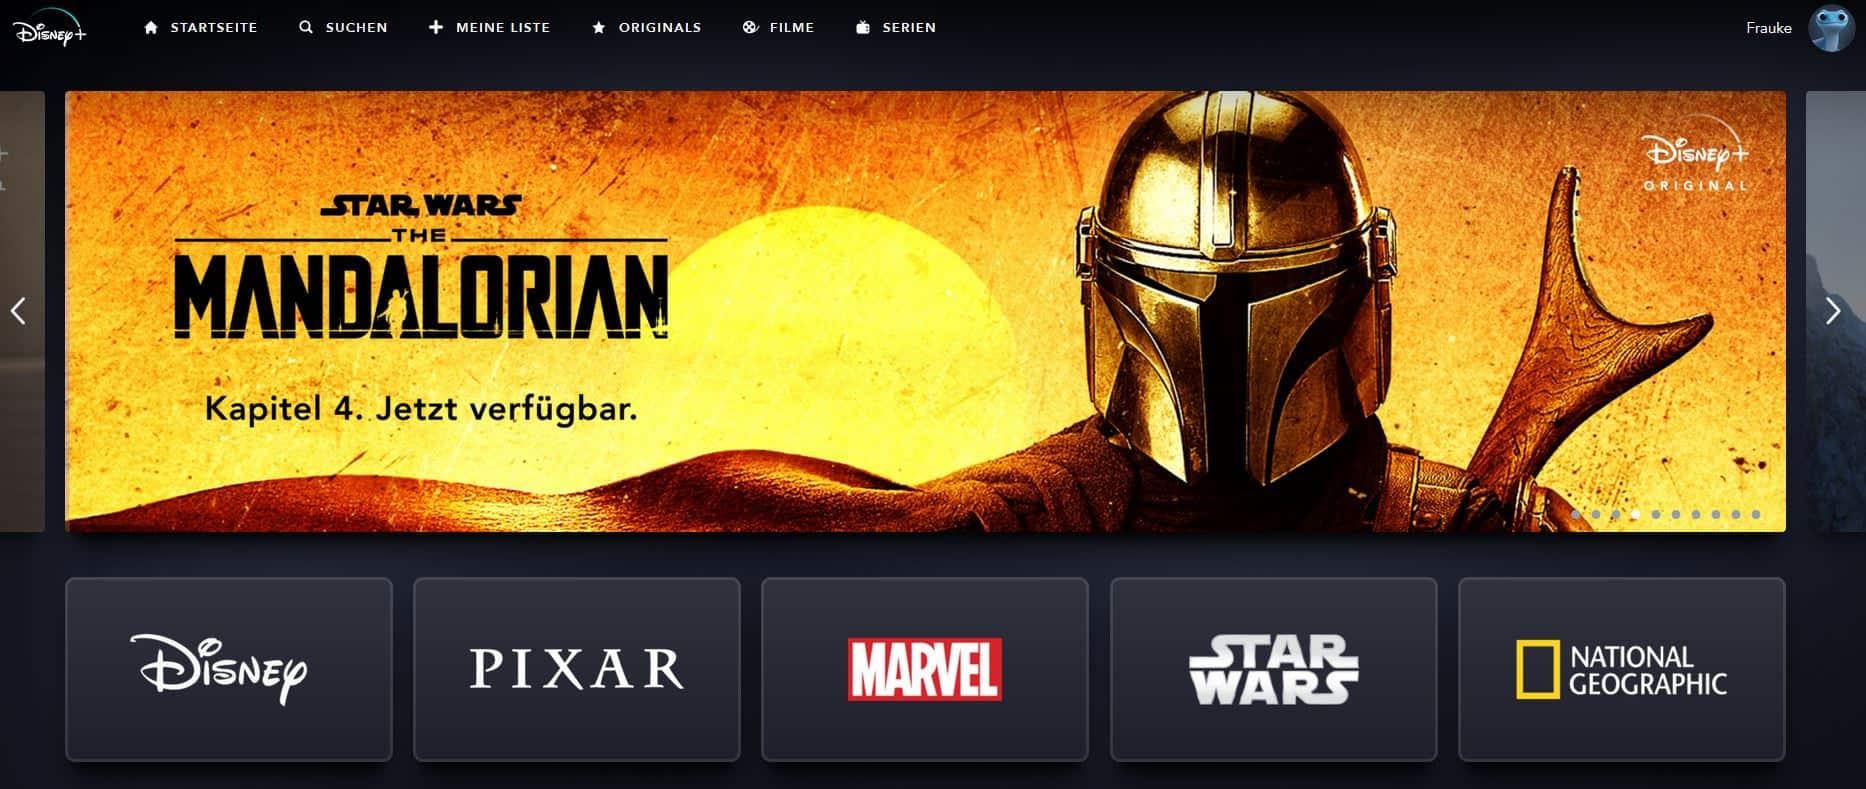 Screenshot der Disney+-Webpage, der die 5 Produktionsfirmen zeigt, die zum Disney Network gehören